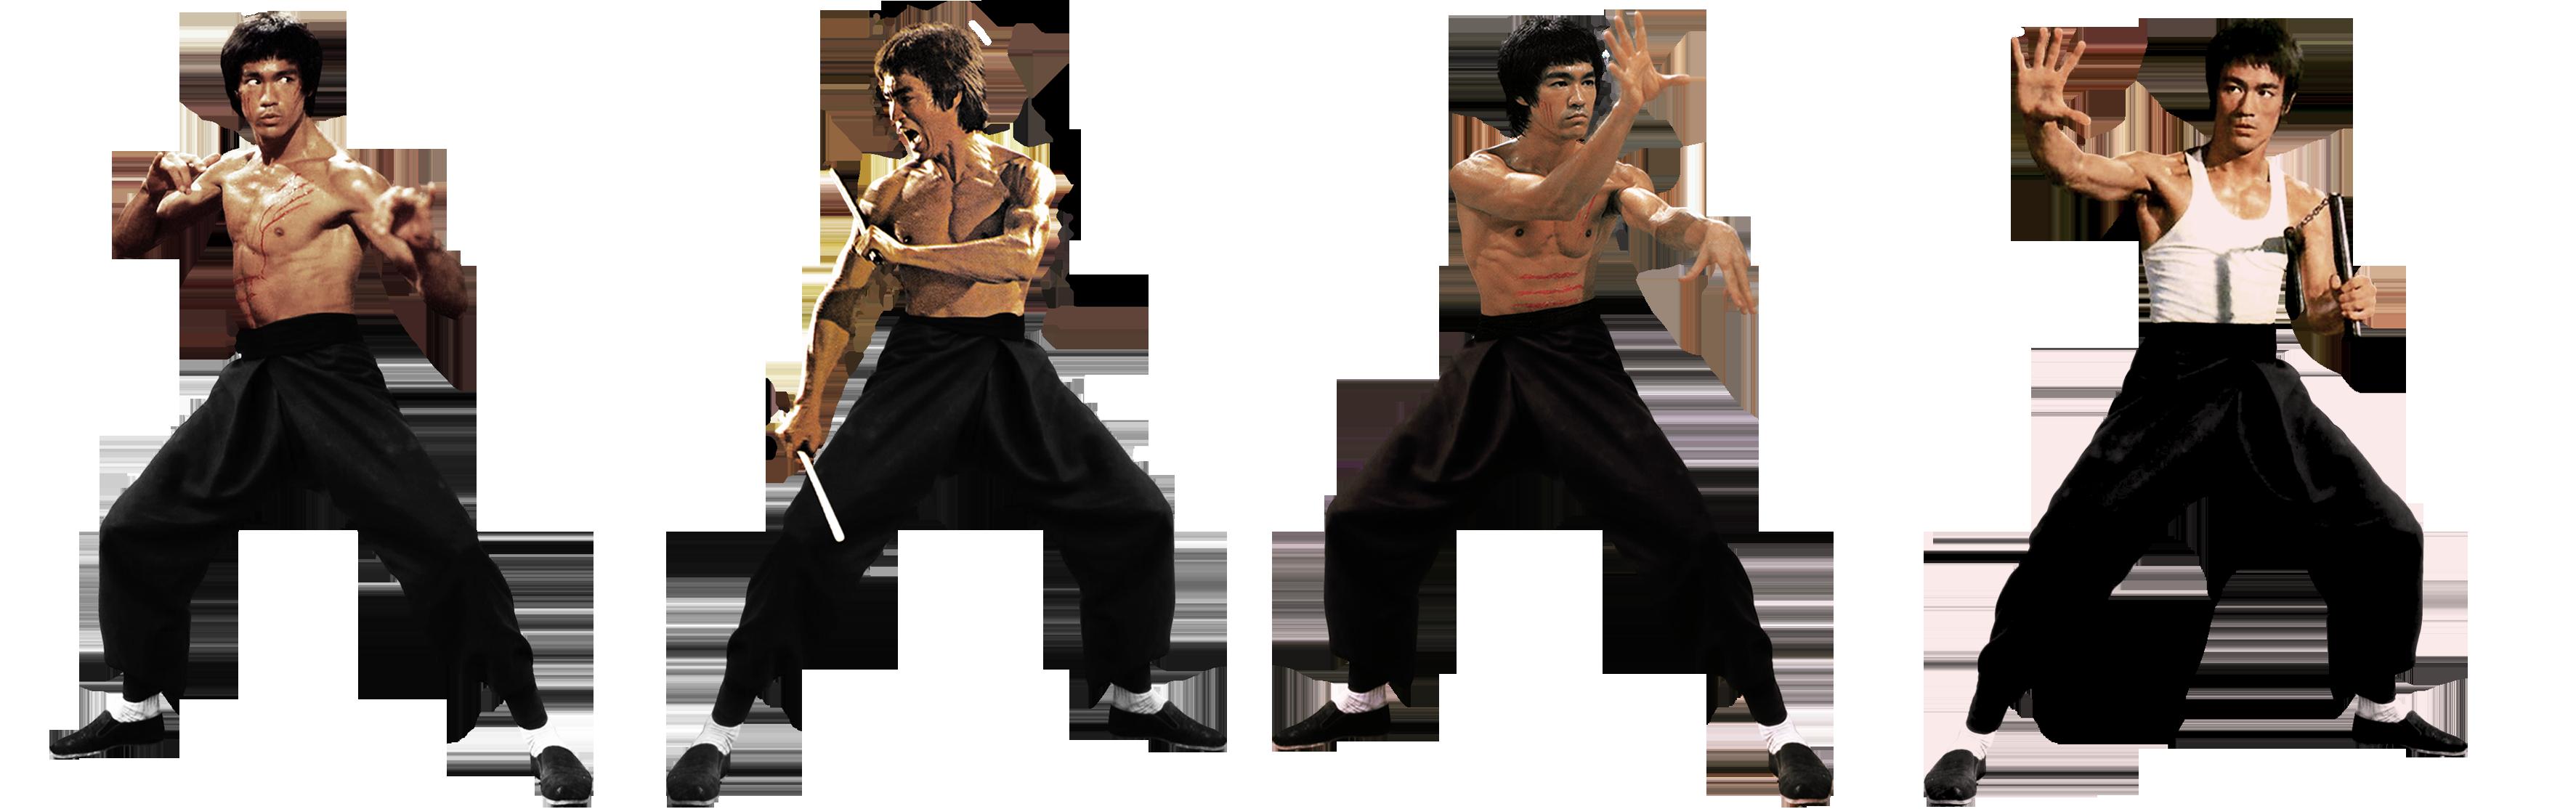 Bruce Lee PNG - 15379